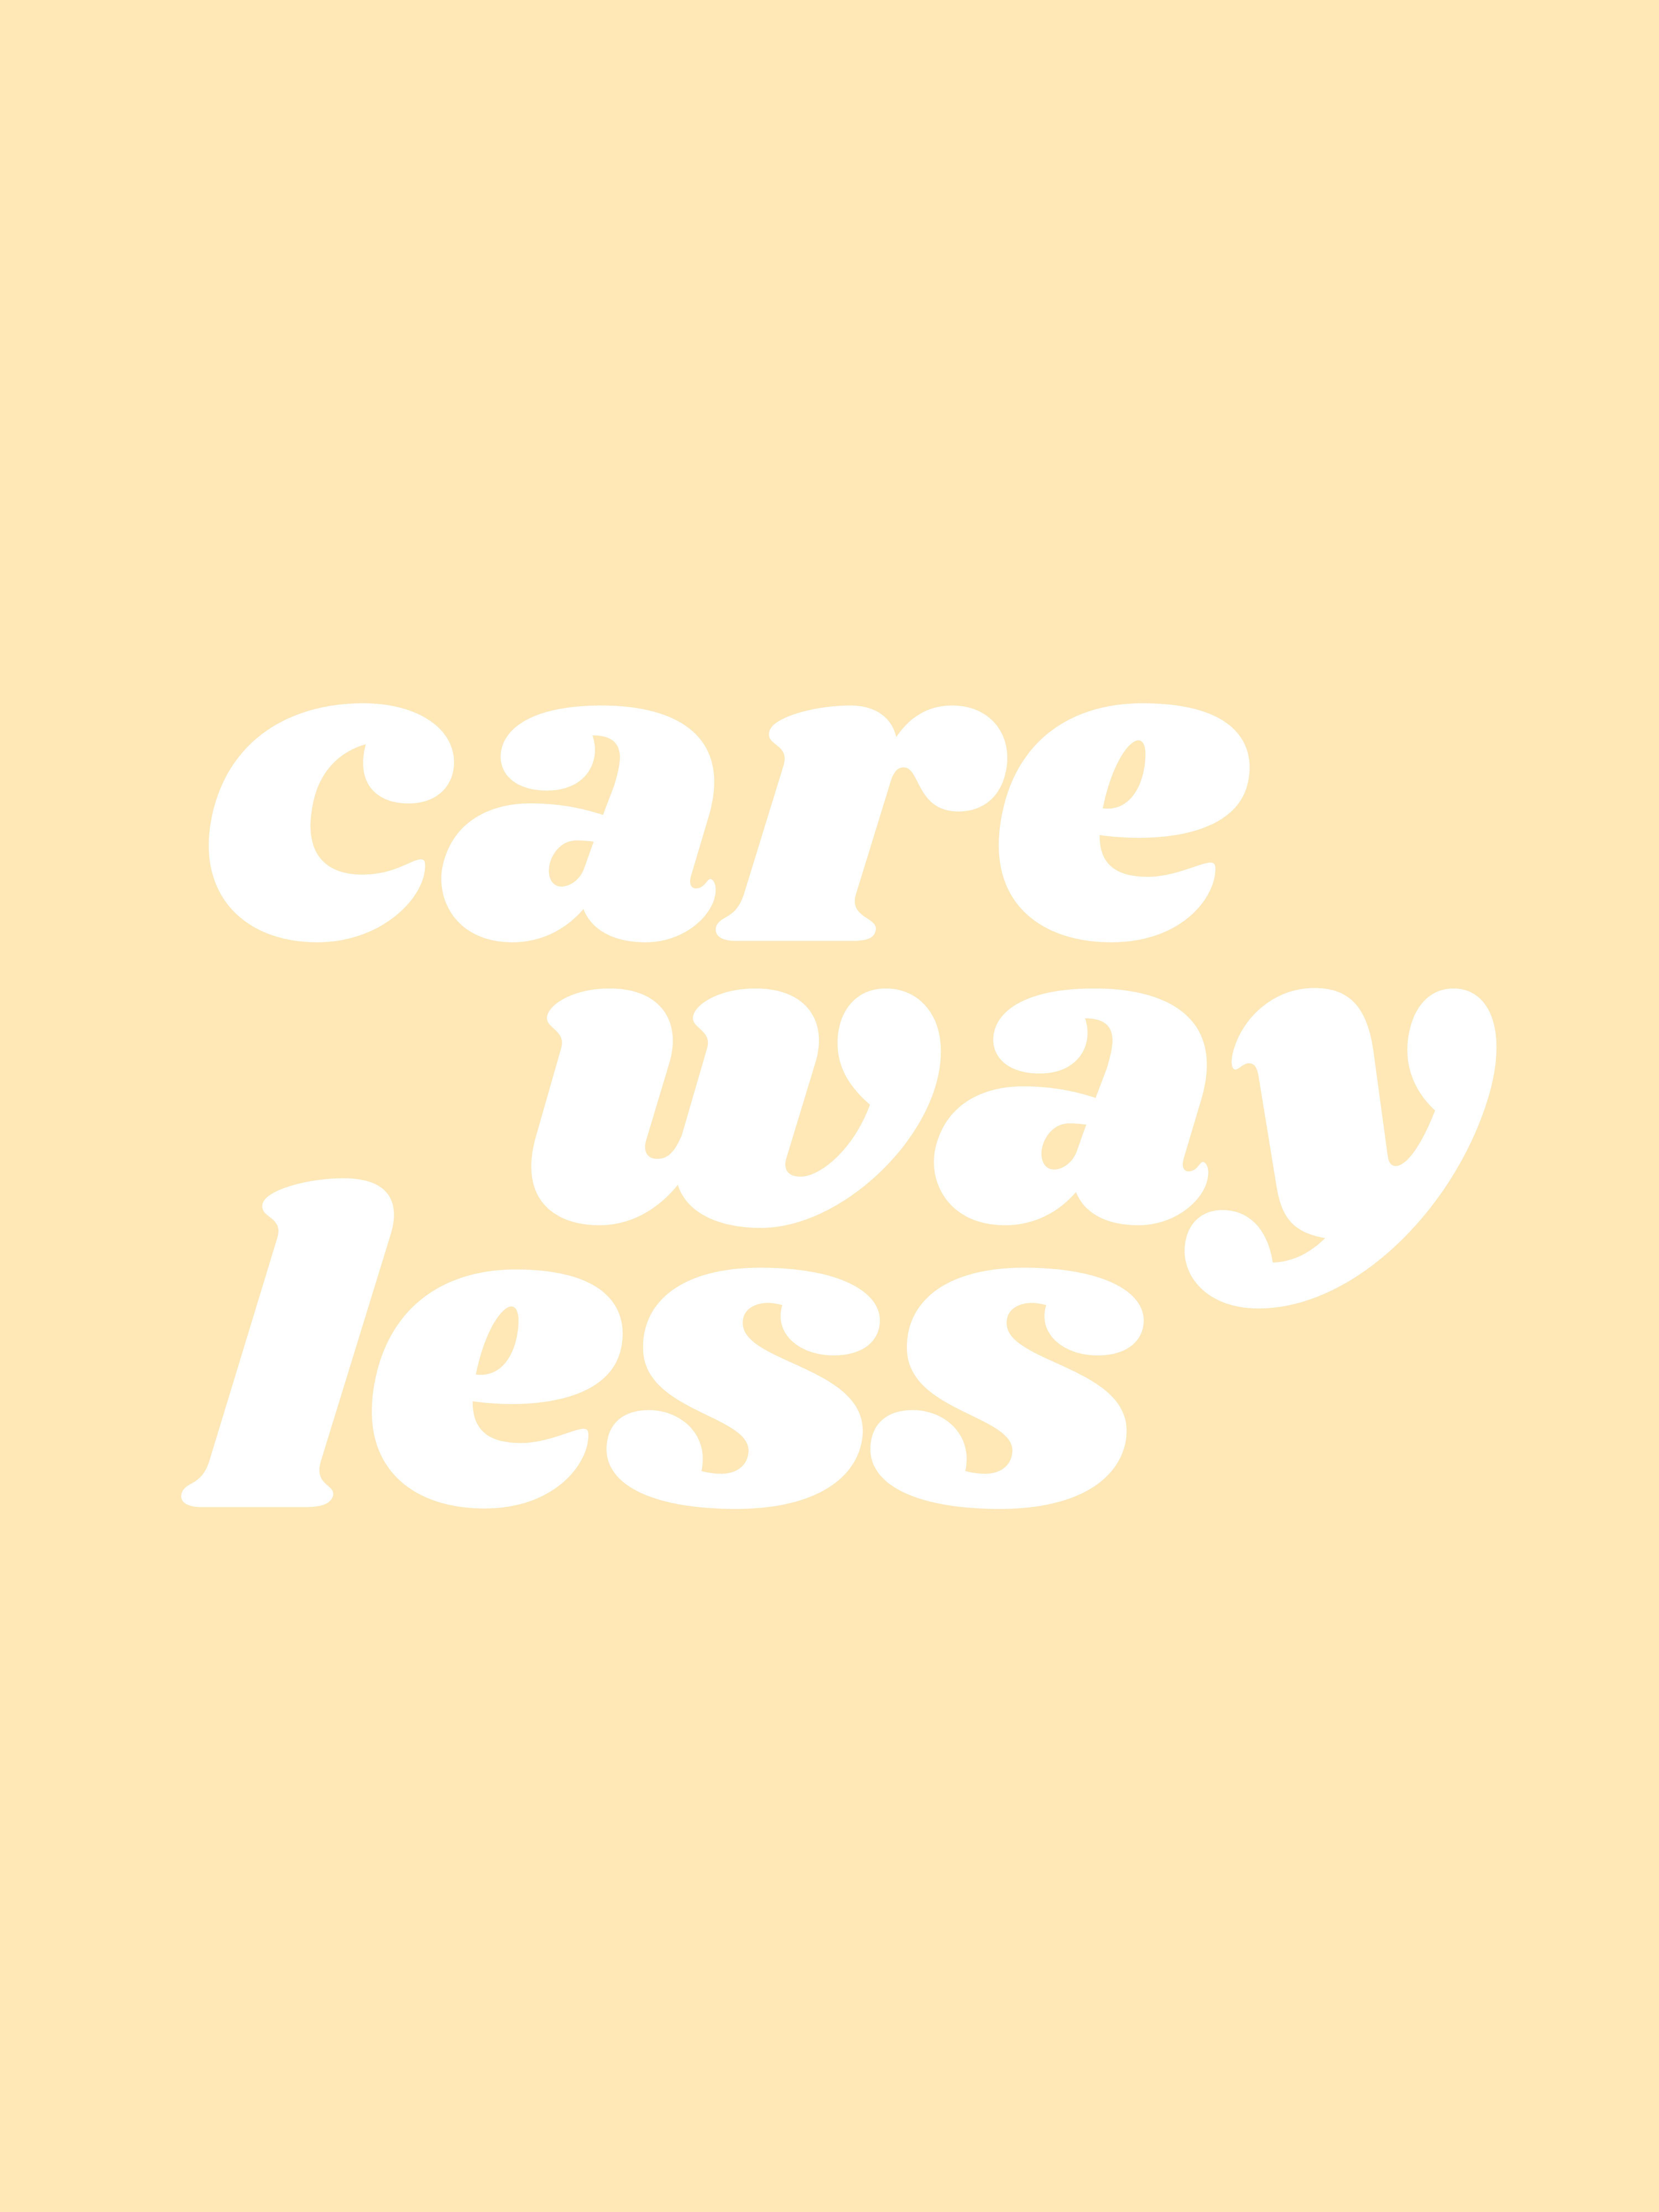 care way less by typutopia | society 6 | society6 com/typutopia